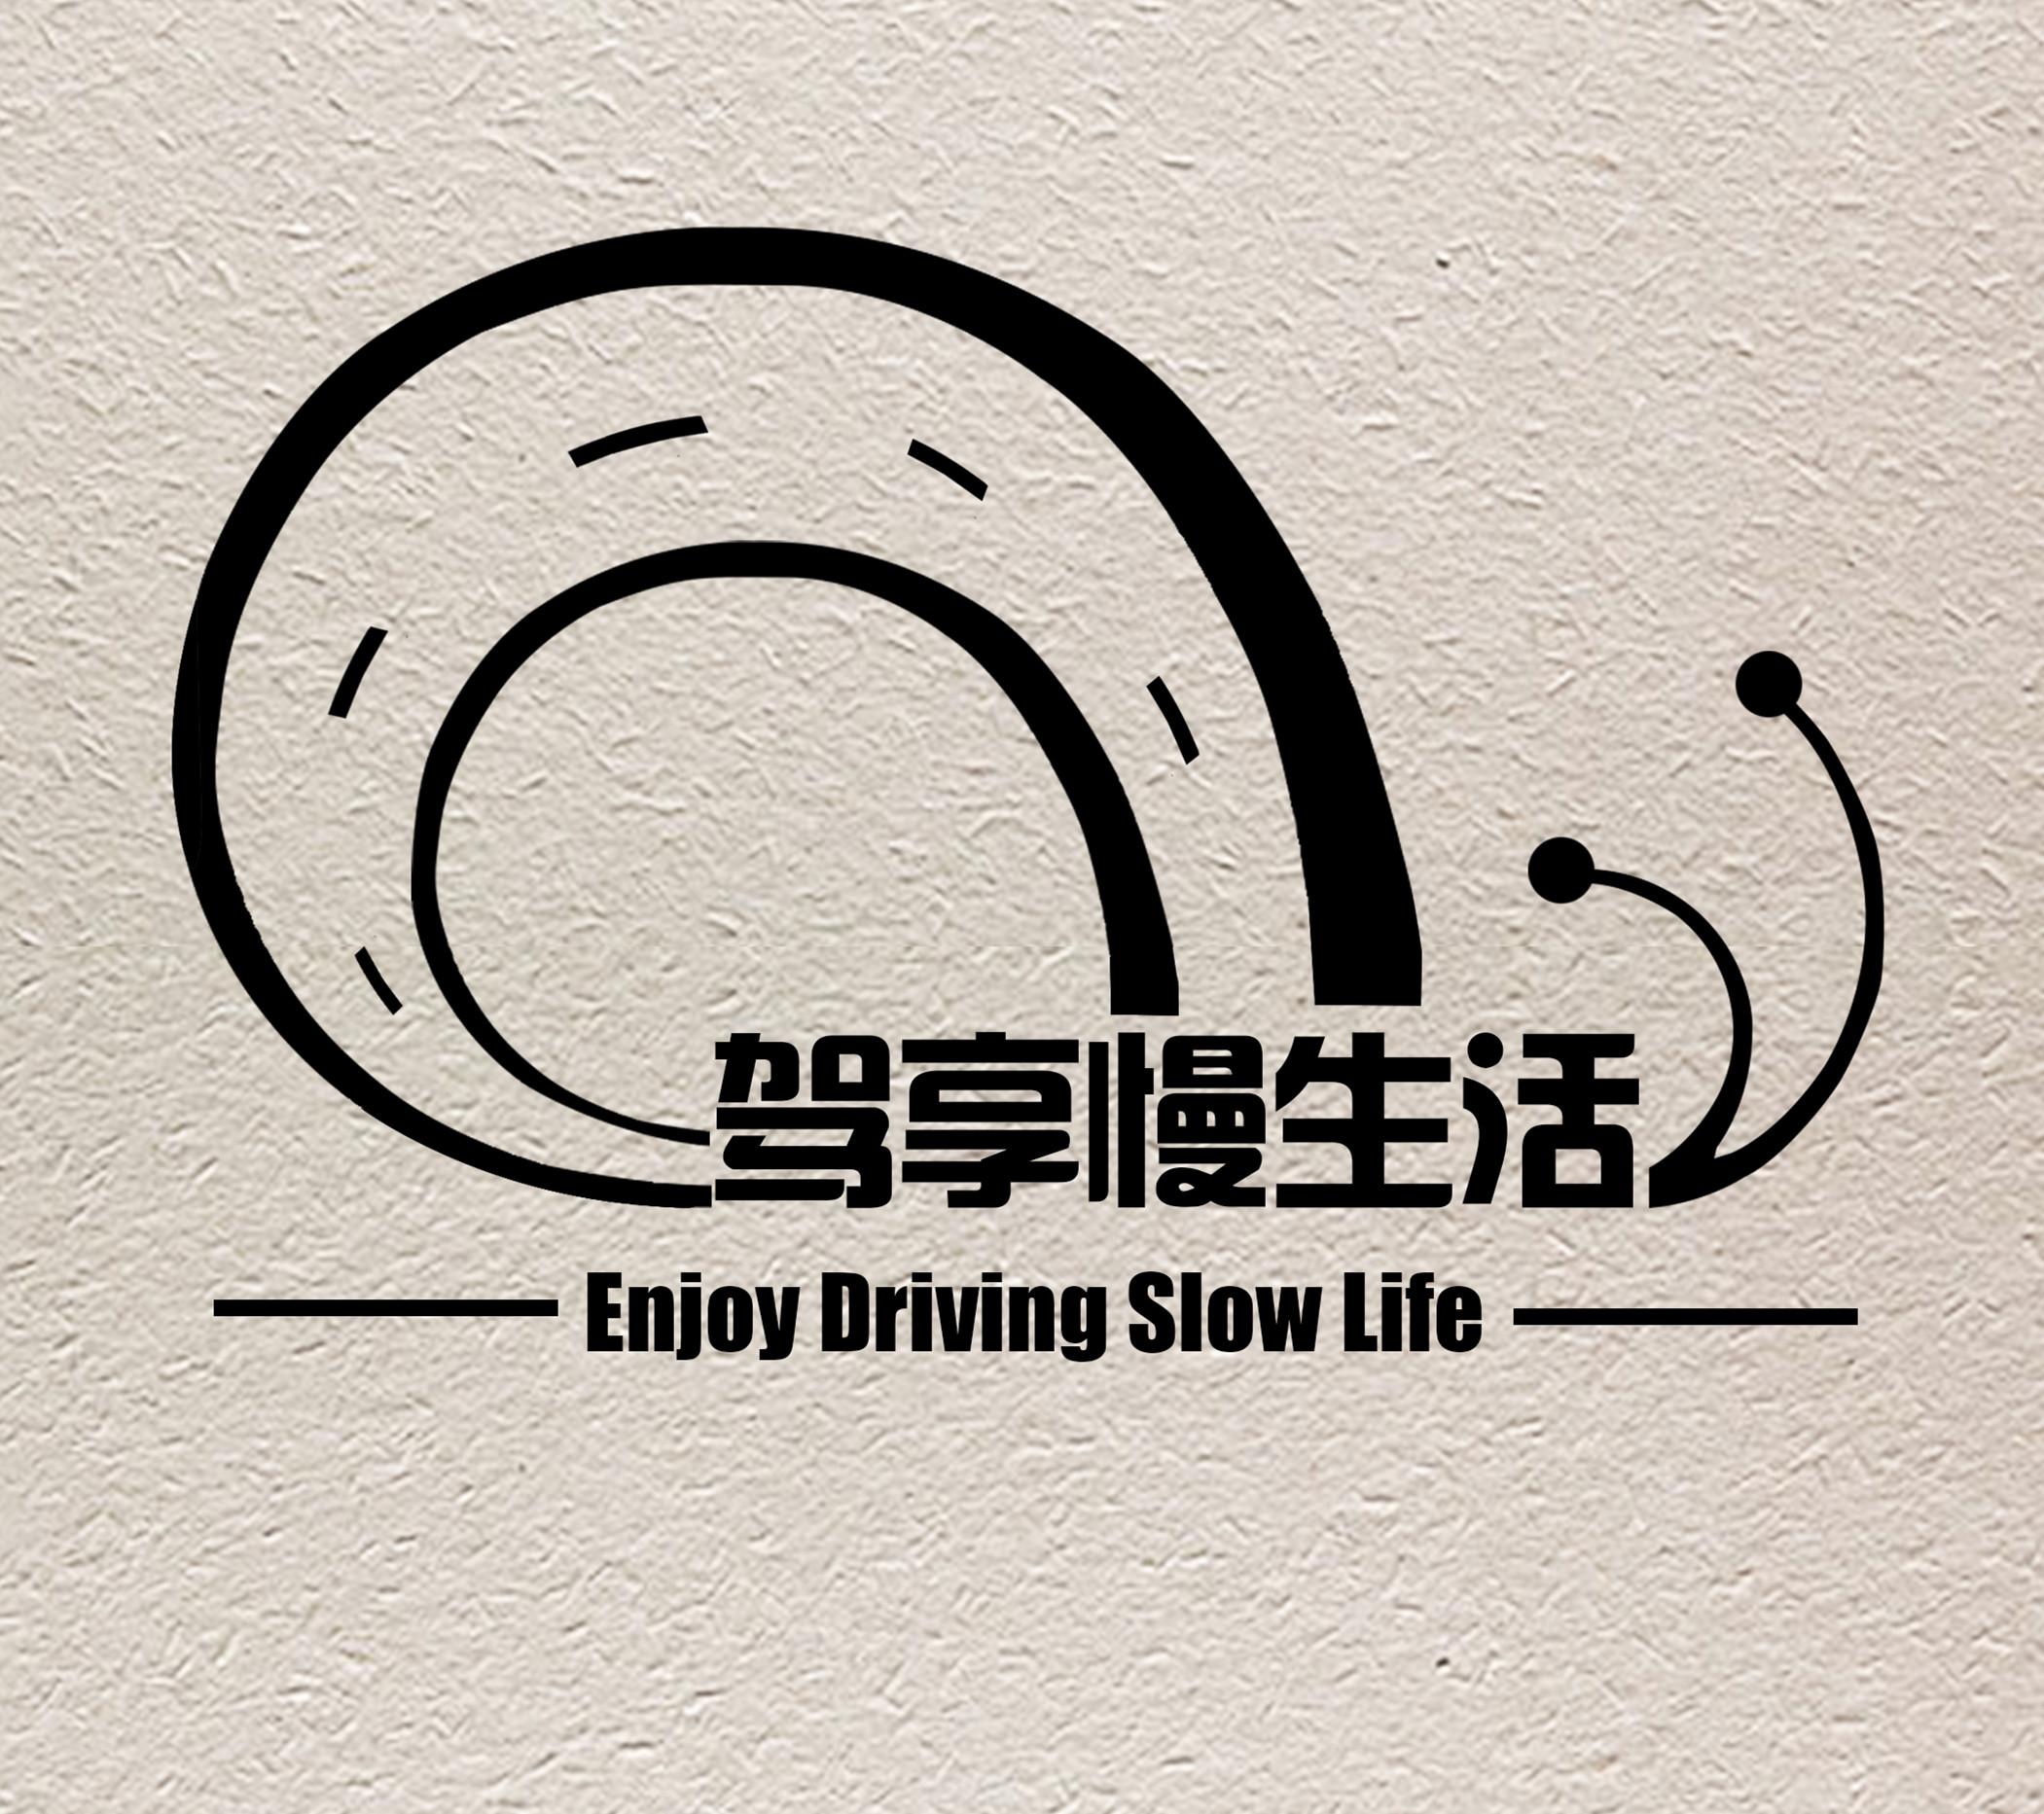 驾享慢生活